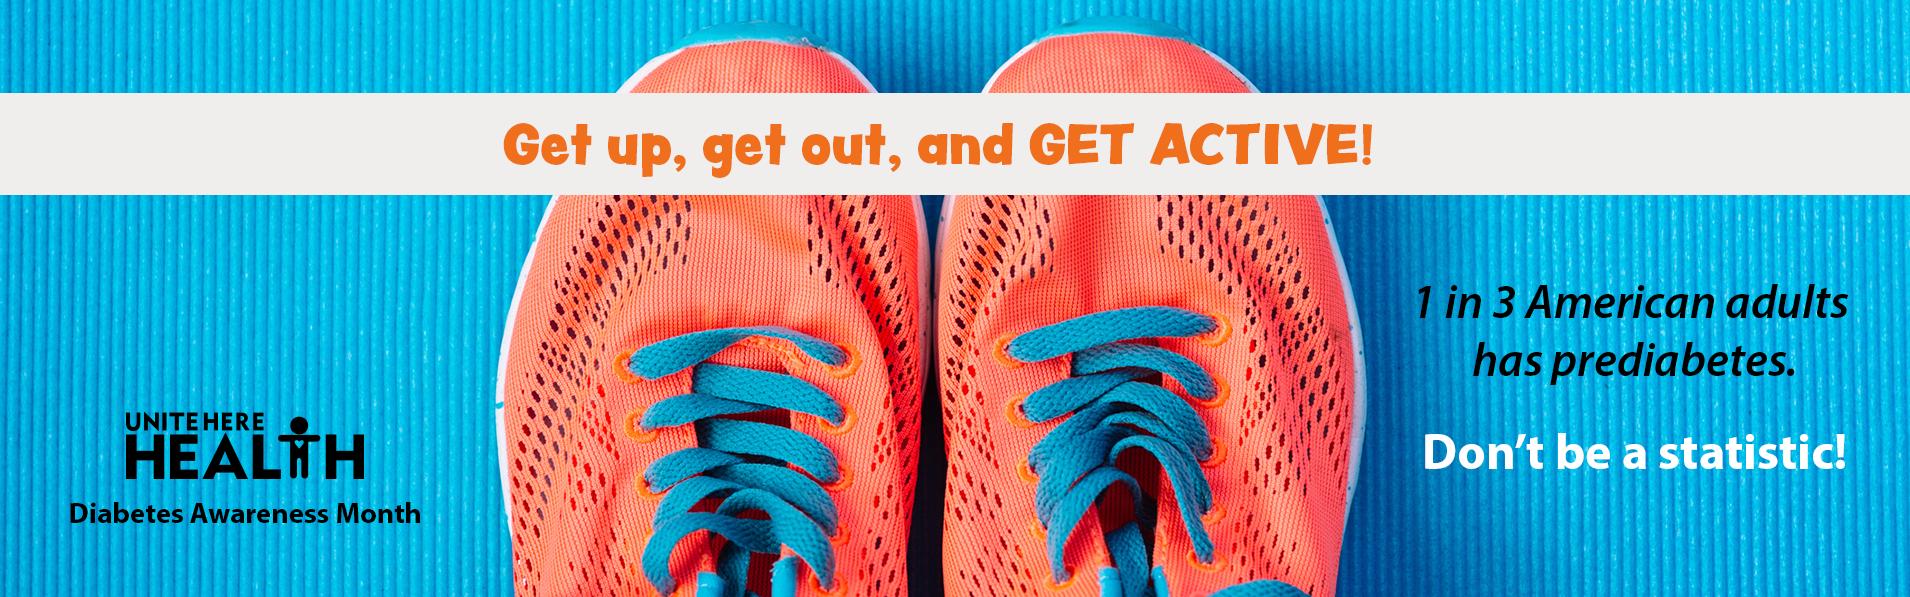 Diabetes Awareness Month - Get Active